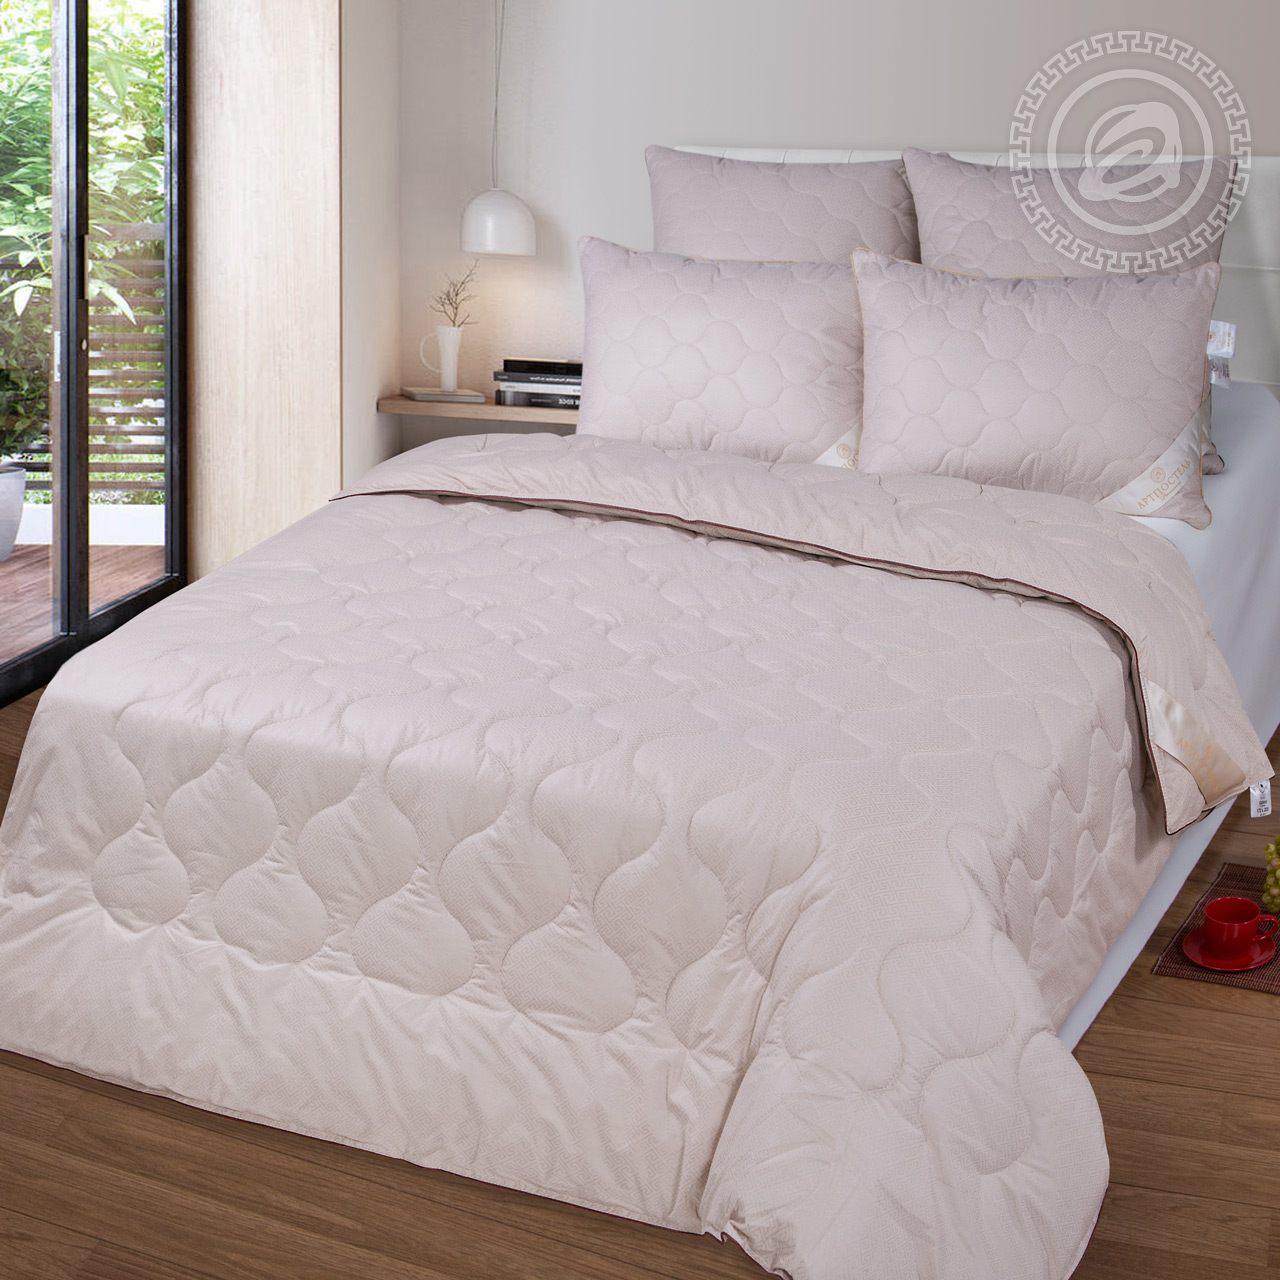 """Одеяло """"Camel Premium"""" р. 200x215 — Camel Premium"""